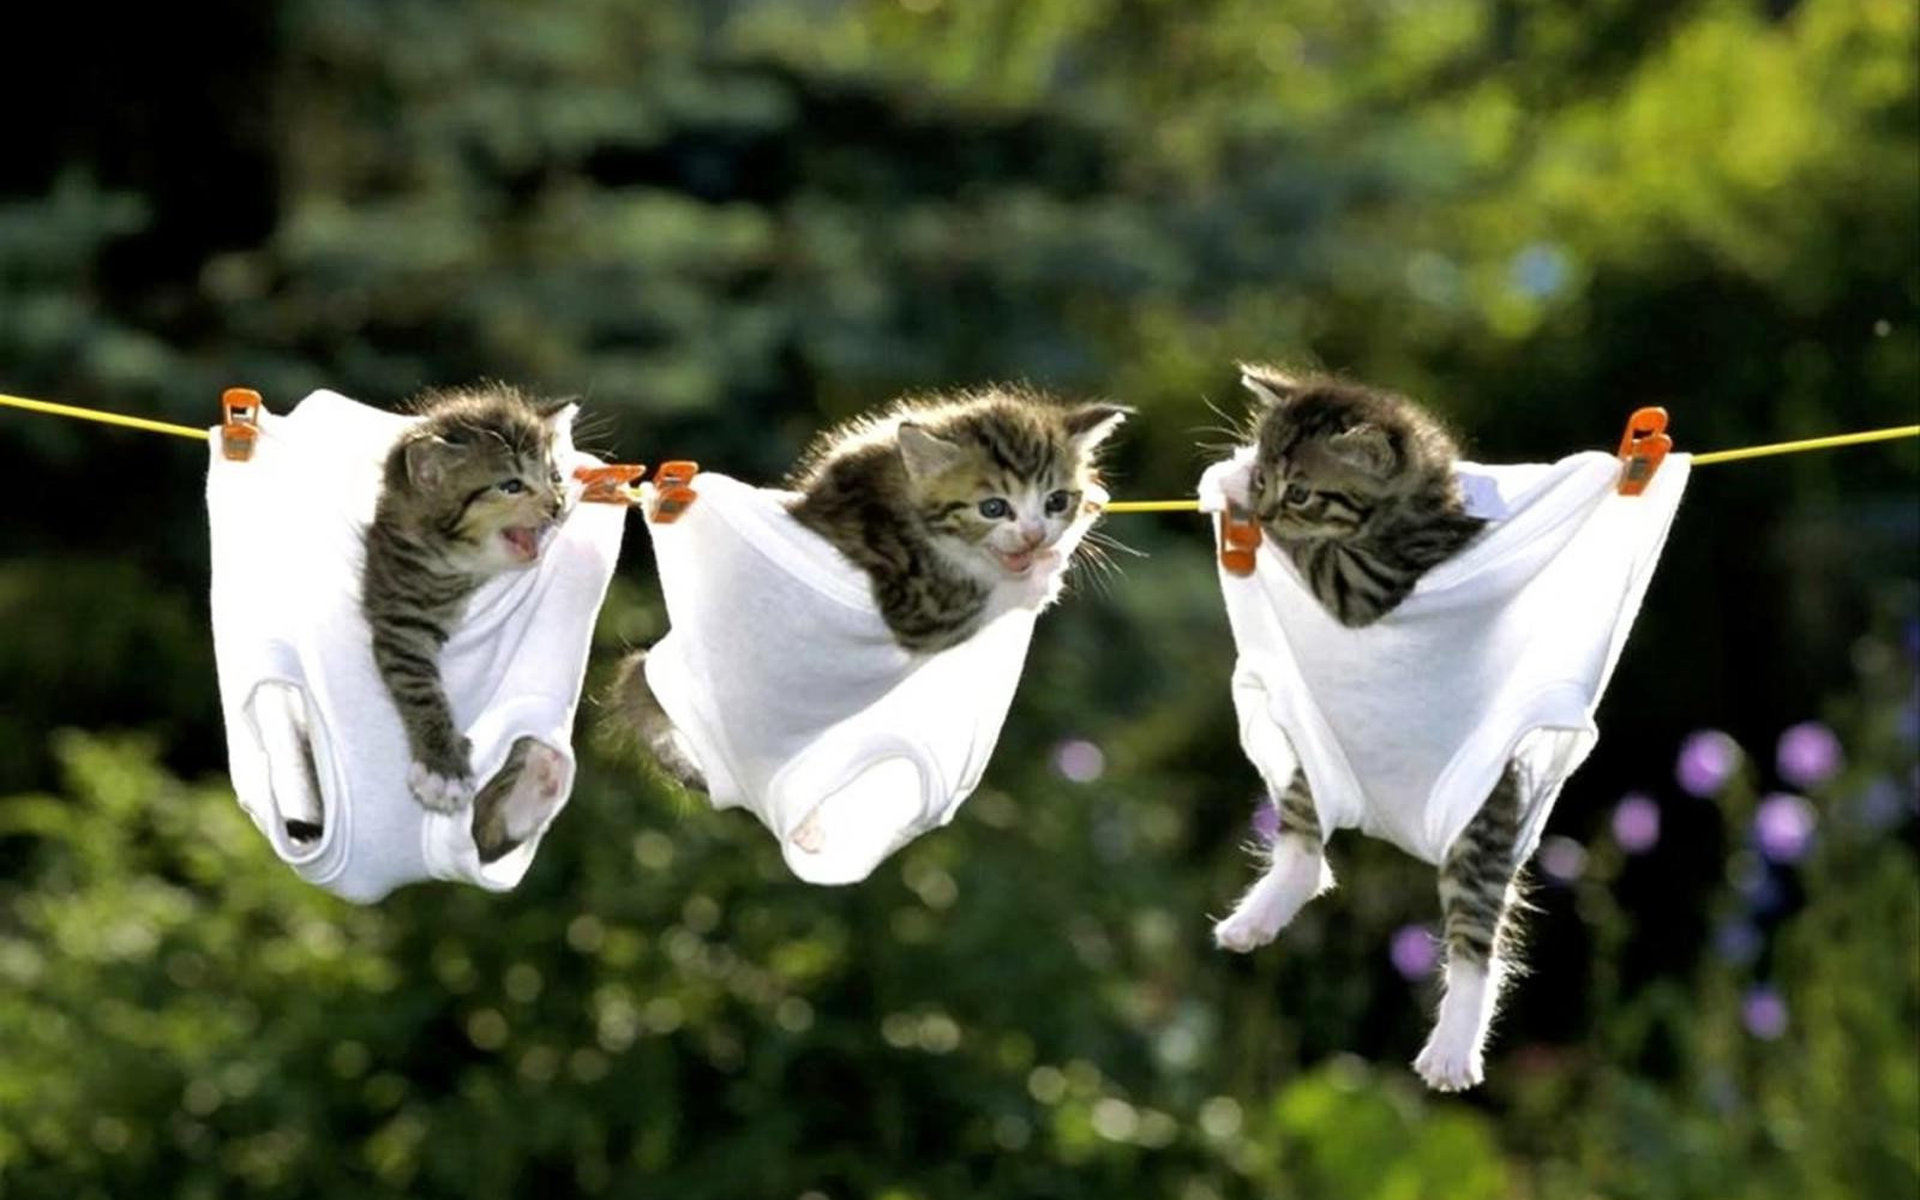 Котята сушатся на бельевой веревке